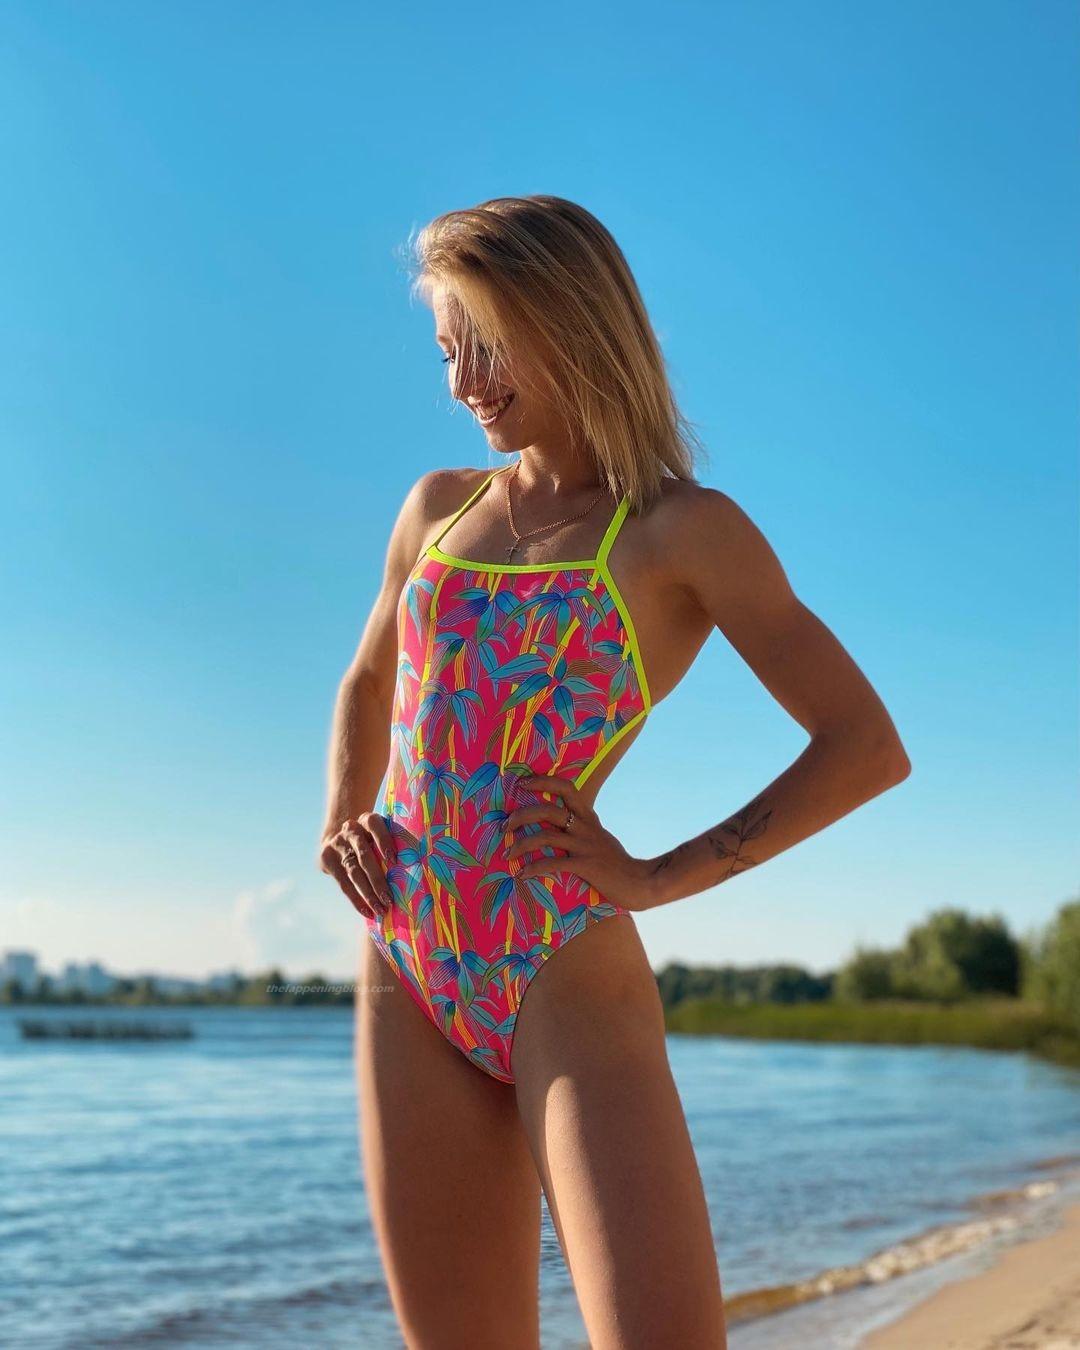 Natalia-Pyrozhenko-Chornomaz-2-thefappeningblog.com1_.jpg